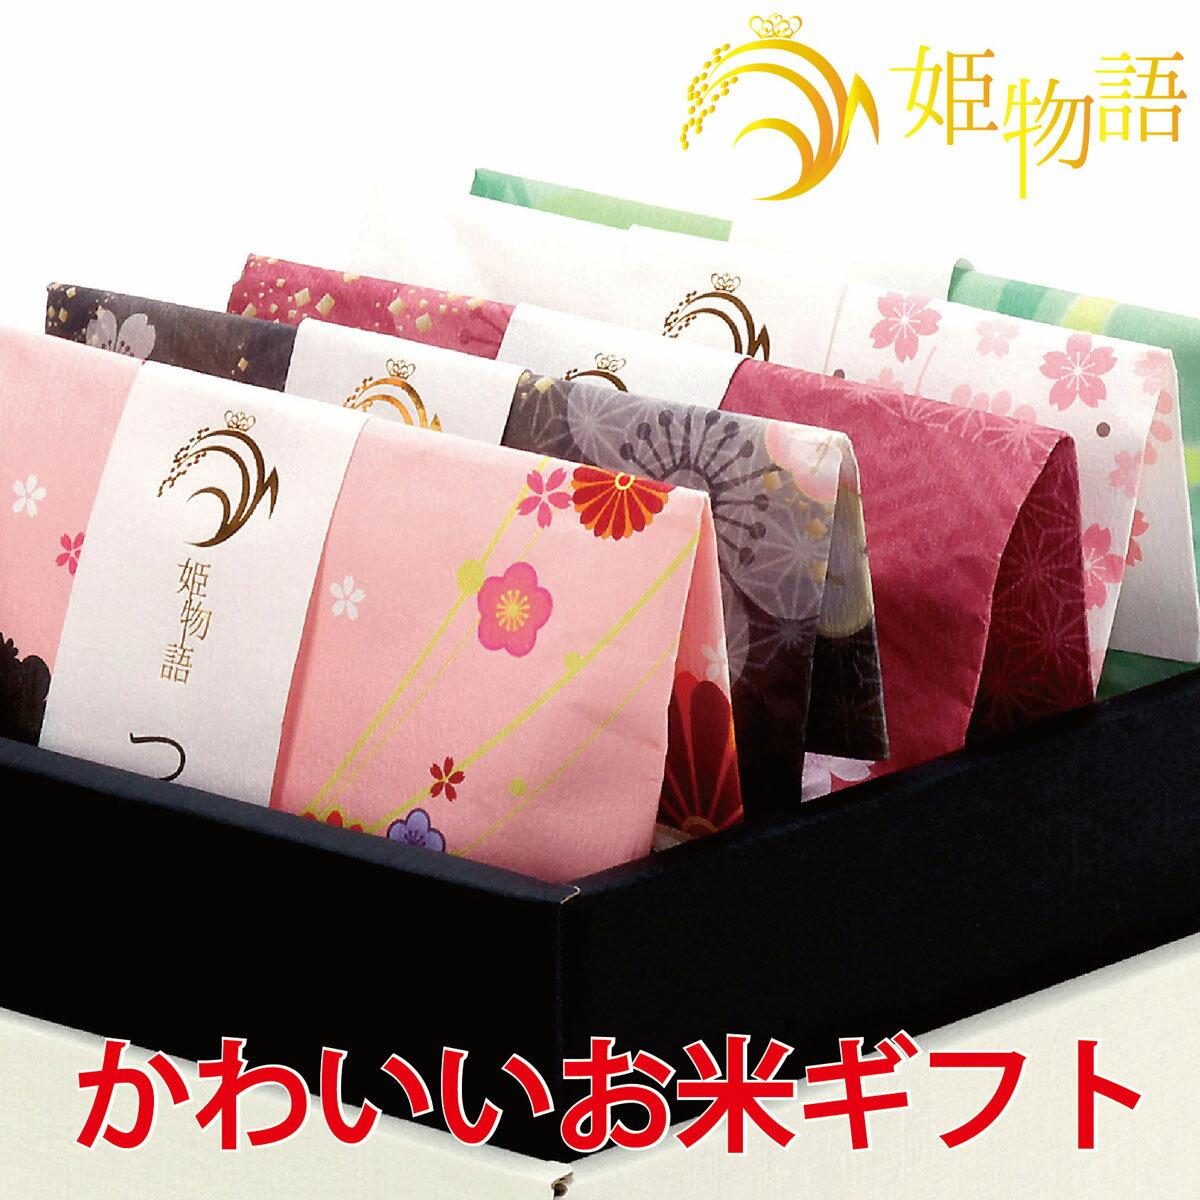 内祝い お米 ギフト 姫物語 (5セット) 出産内祝い 結婚内祝い 入学内祝い 他 お返し プレゼント 日本の銘米 名米 食べ比べ